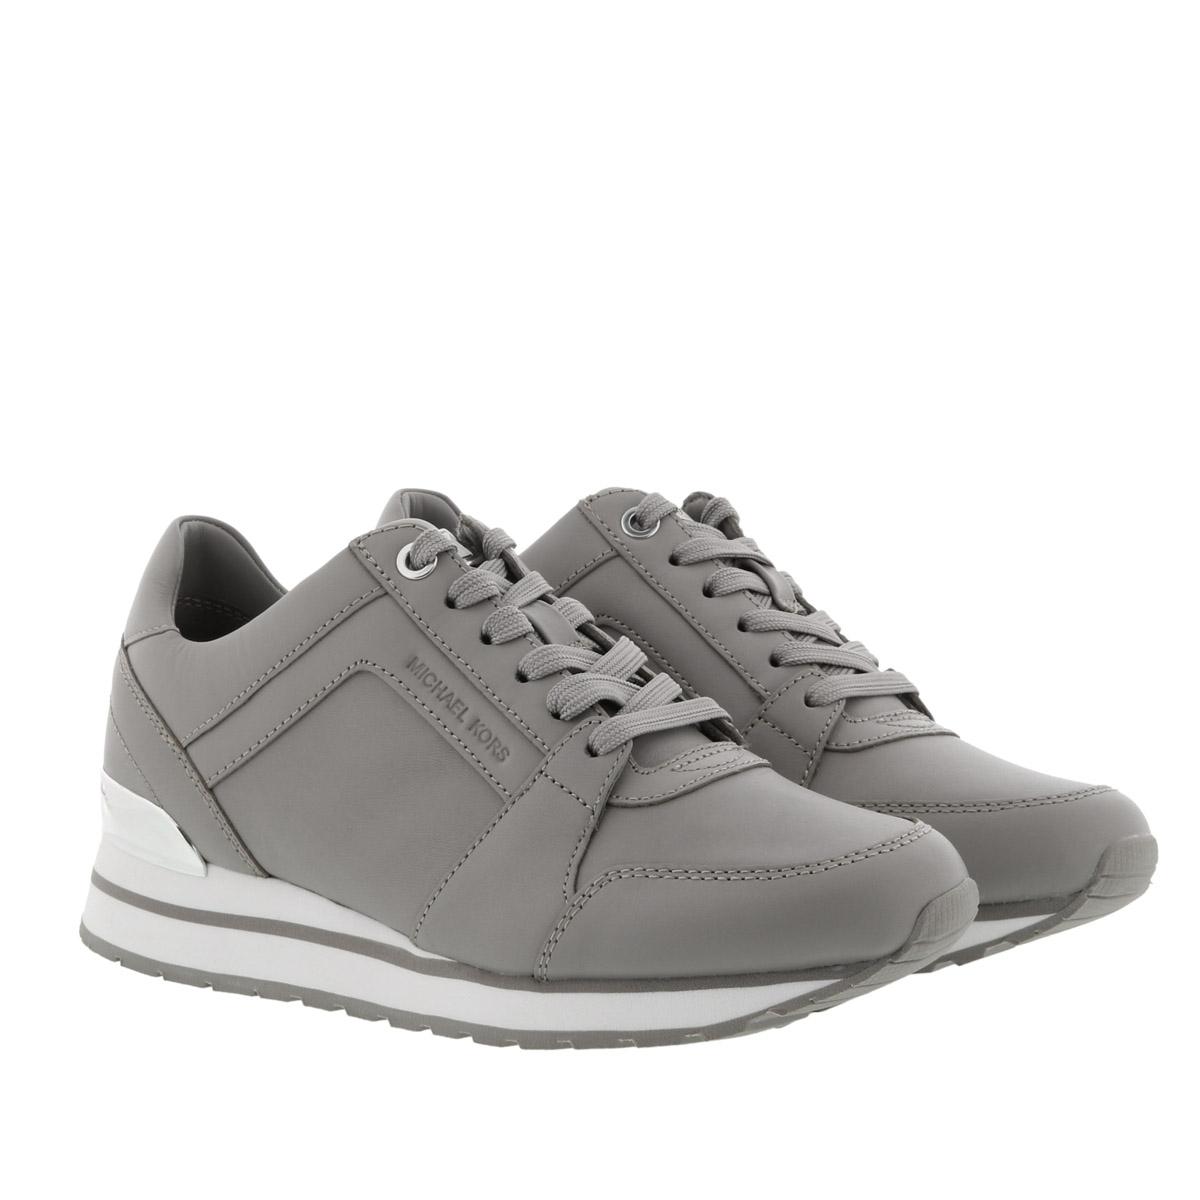 Michael Kors Sneakers - Billie Trainer Pearl Grey - in grau - für Damen